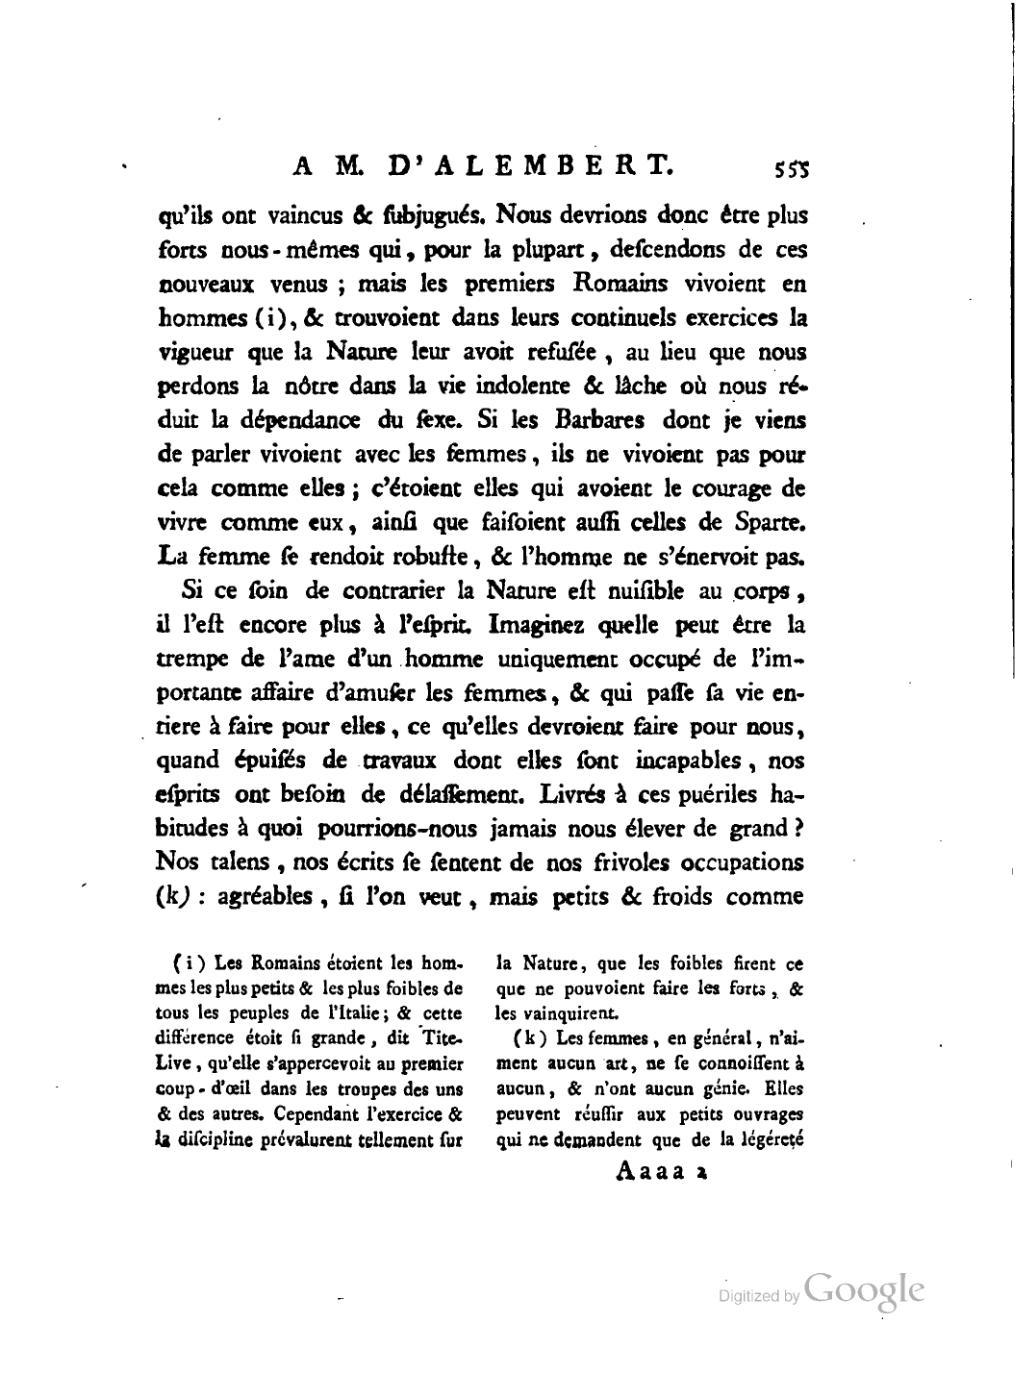 Vous Permet De Vivre ĠŐ-Ď-/Ë-m-Ĩ-ĉĥěţ Ġ-Ő-Ď-ě-Ś Ď-/Í-Ļ-Ď-/ö Ă-ņ-/á-Ļě Fěm-mě VĬ-ḄŔ/áņţ Р-/ôĨņţ ğ p/öŬŔ VĨḄŔ/ö-m/á/š/š/éŬŔ /š/îĻ Un Article S/ûr Qui Stimule La Forme des Femmes